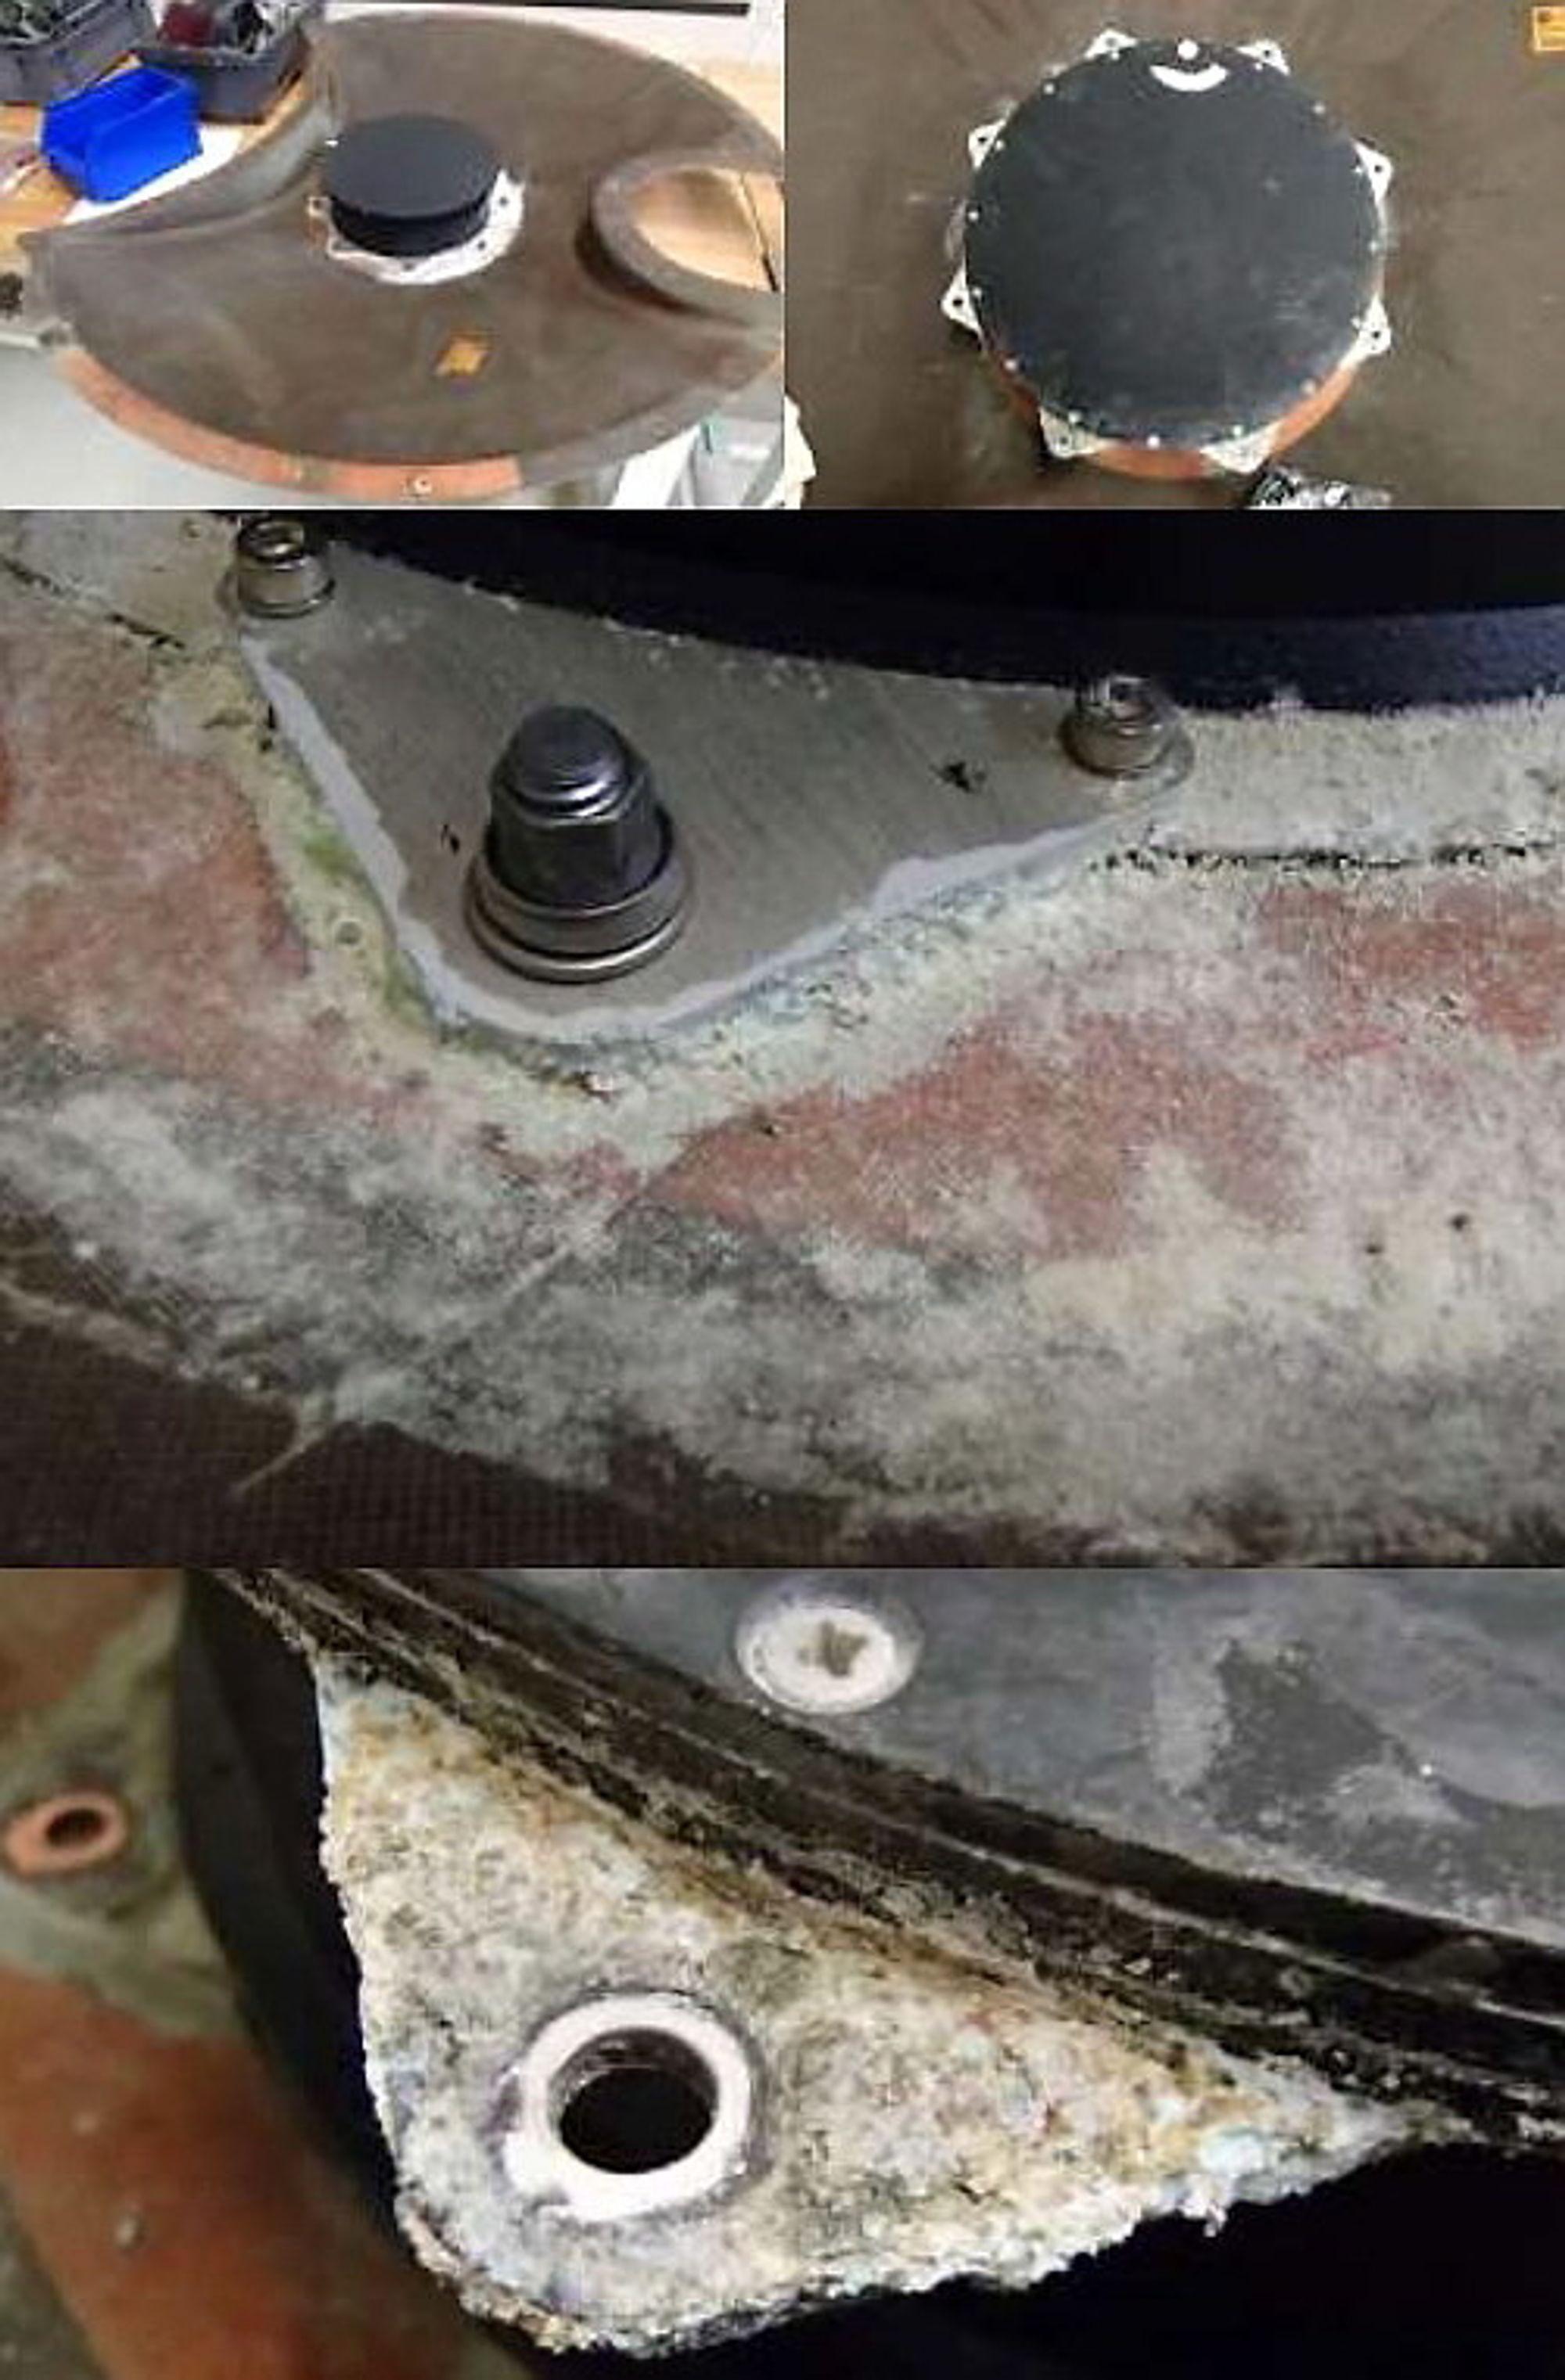 Et tilfeldig eksempel på ett av 92 korrosjonstilfeller er denne antennetilkoblingen der manglende overflatebehandling har ført til korrosjon av aluminiumkoblinene på antenneboksen. Aluminiumen er boltet til karbonfiber-beskyttelsen som har resultert i galvanisk korrosjon som ble ytterligere framskyndet av at dreneringshullene ikke var plassert på lavest mulige sted. Feilproduksjon er dette kategorisert som.